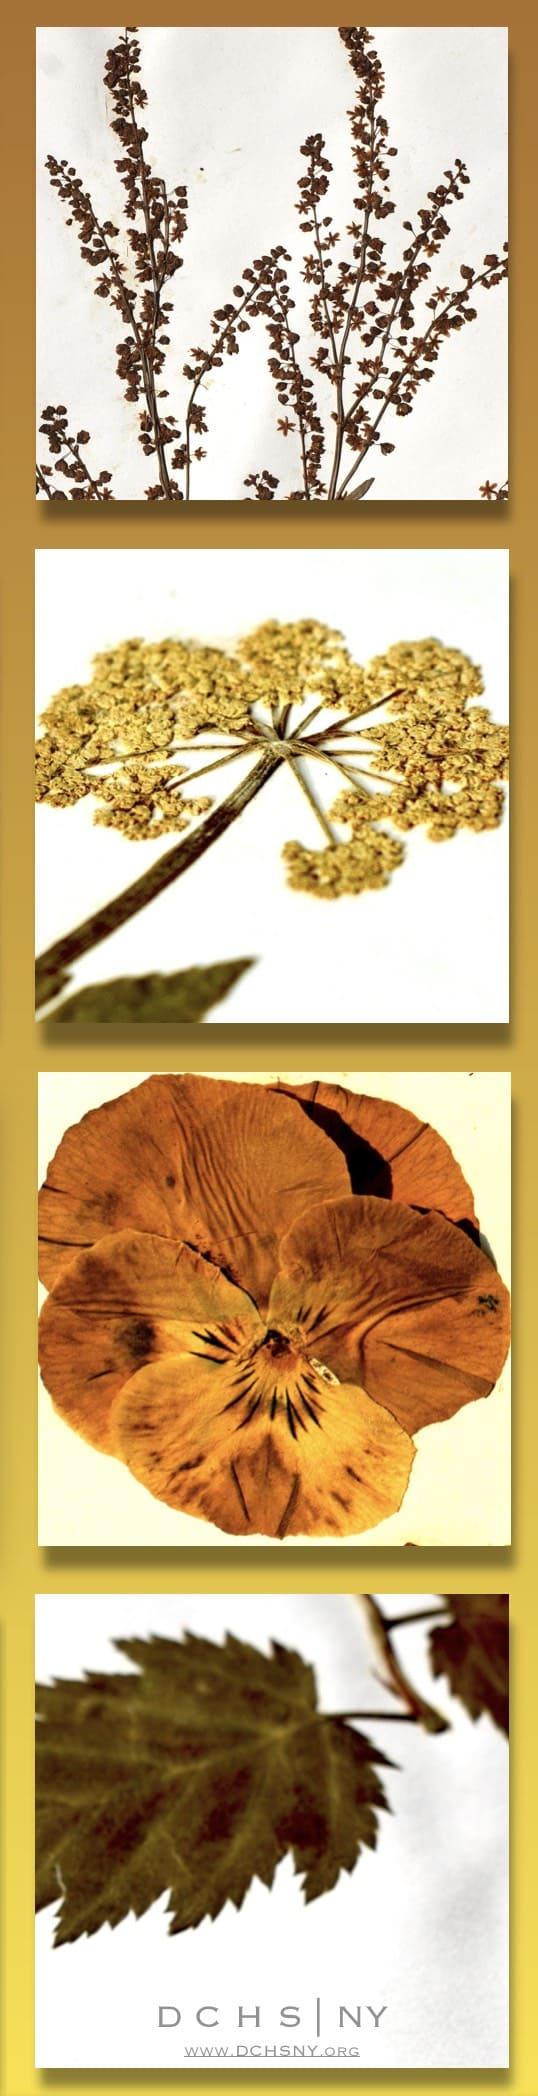 Herbarium Column 03